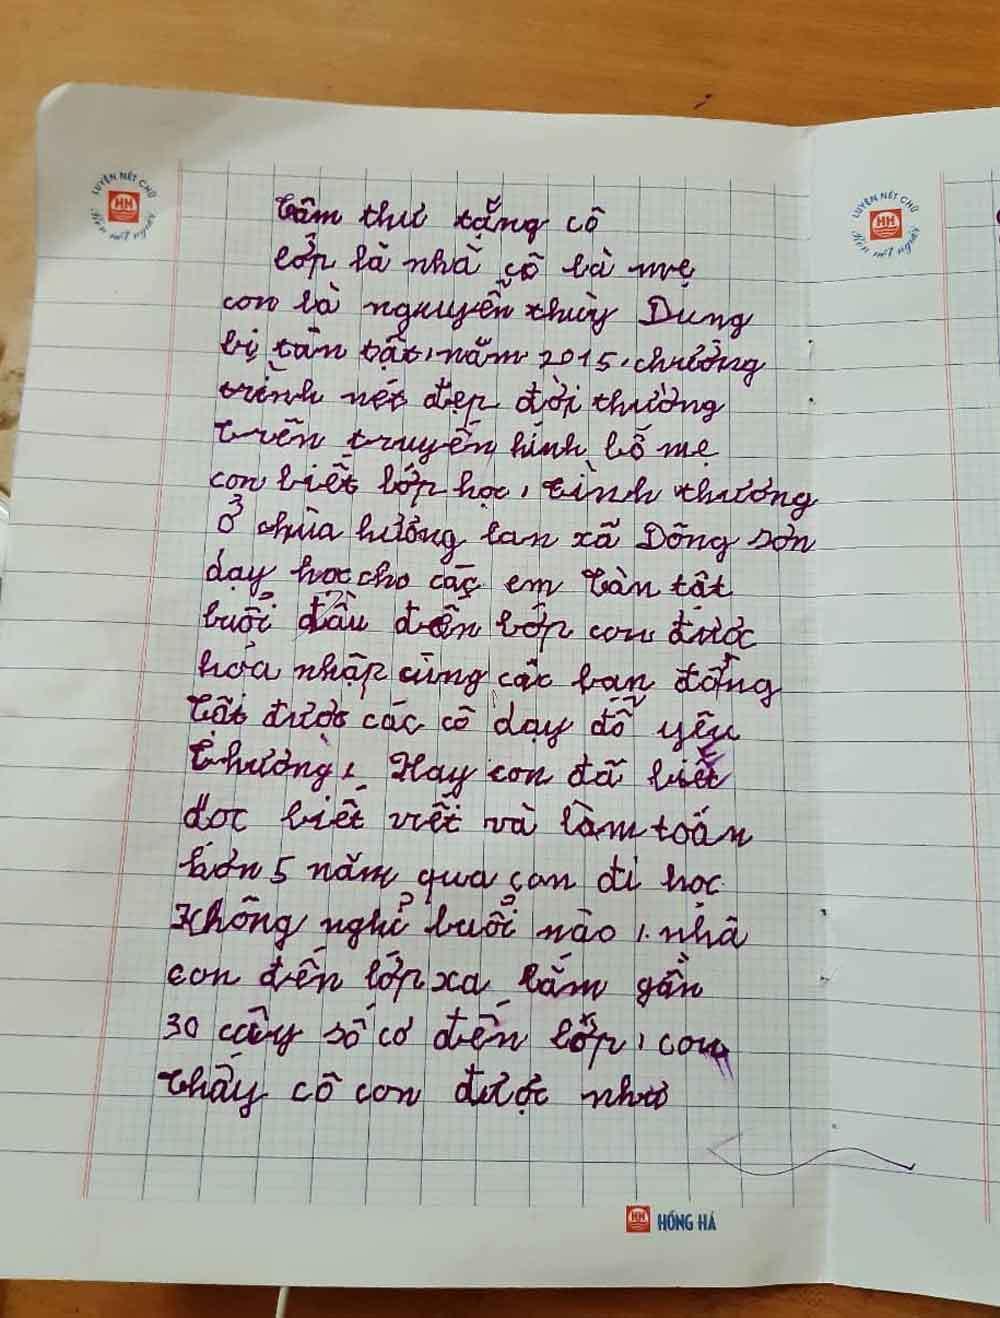 Lớp học ở trong chùa: Học trò la hét, đánh lại, cô rơi nước mắt vì thương - Ảnh 3